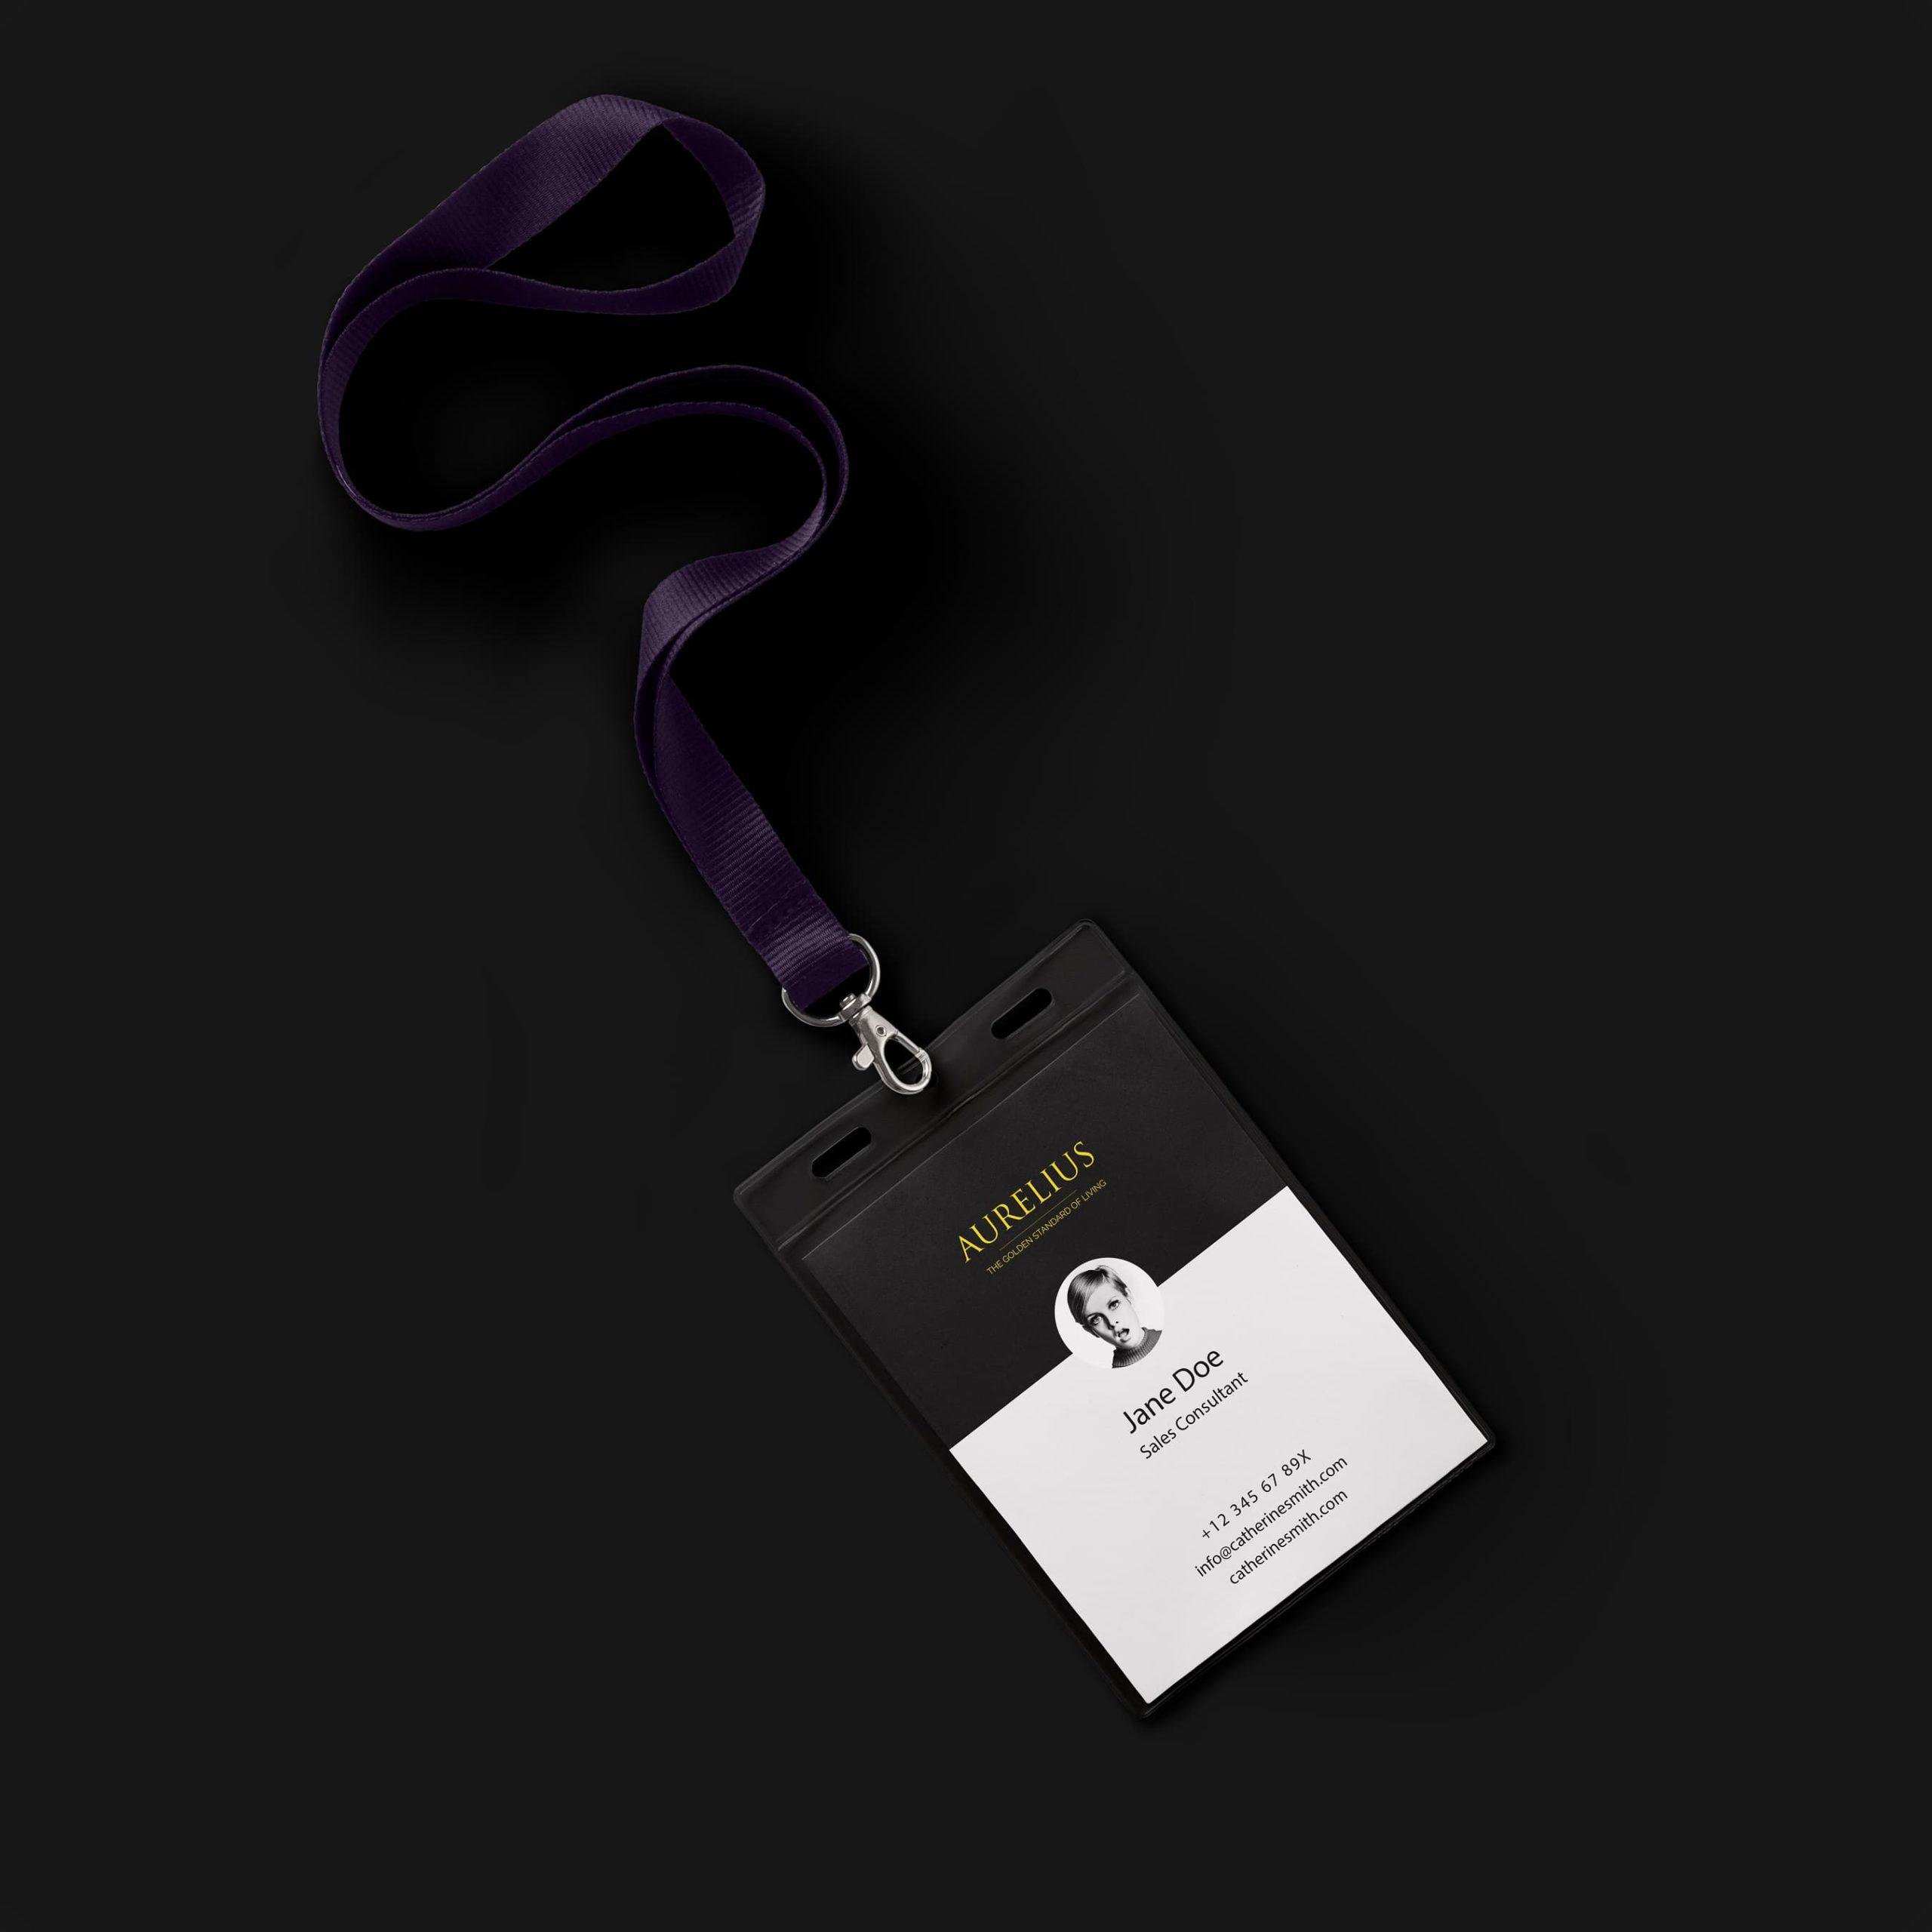 aurelius-real-estate-branding-design-literature-4